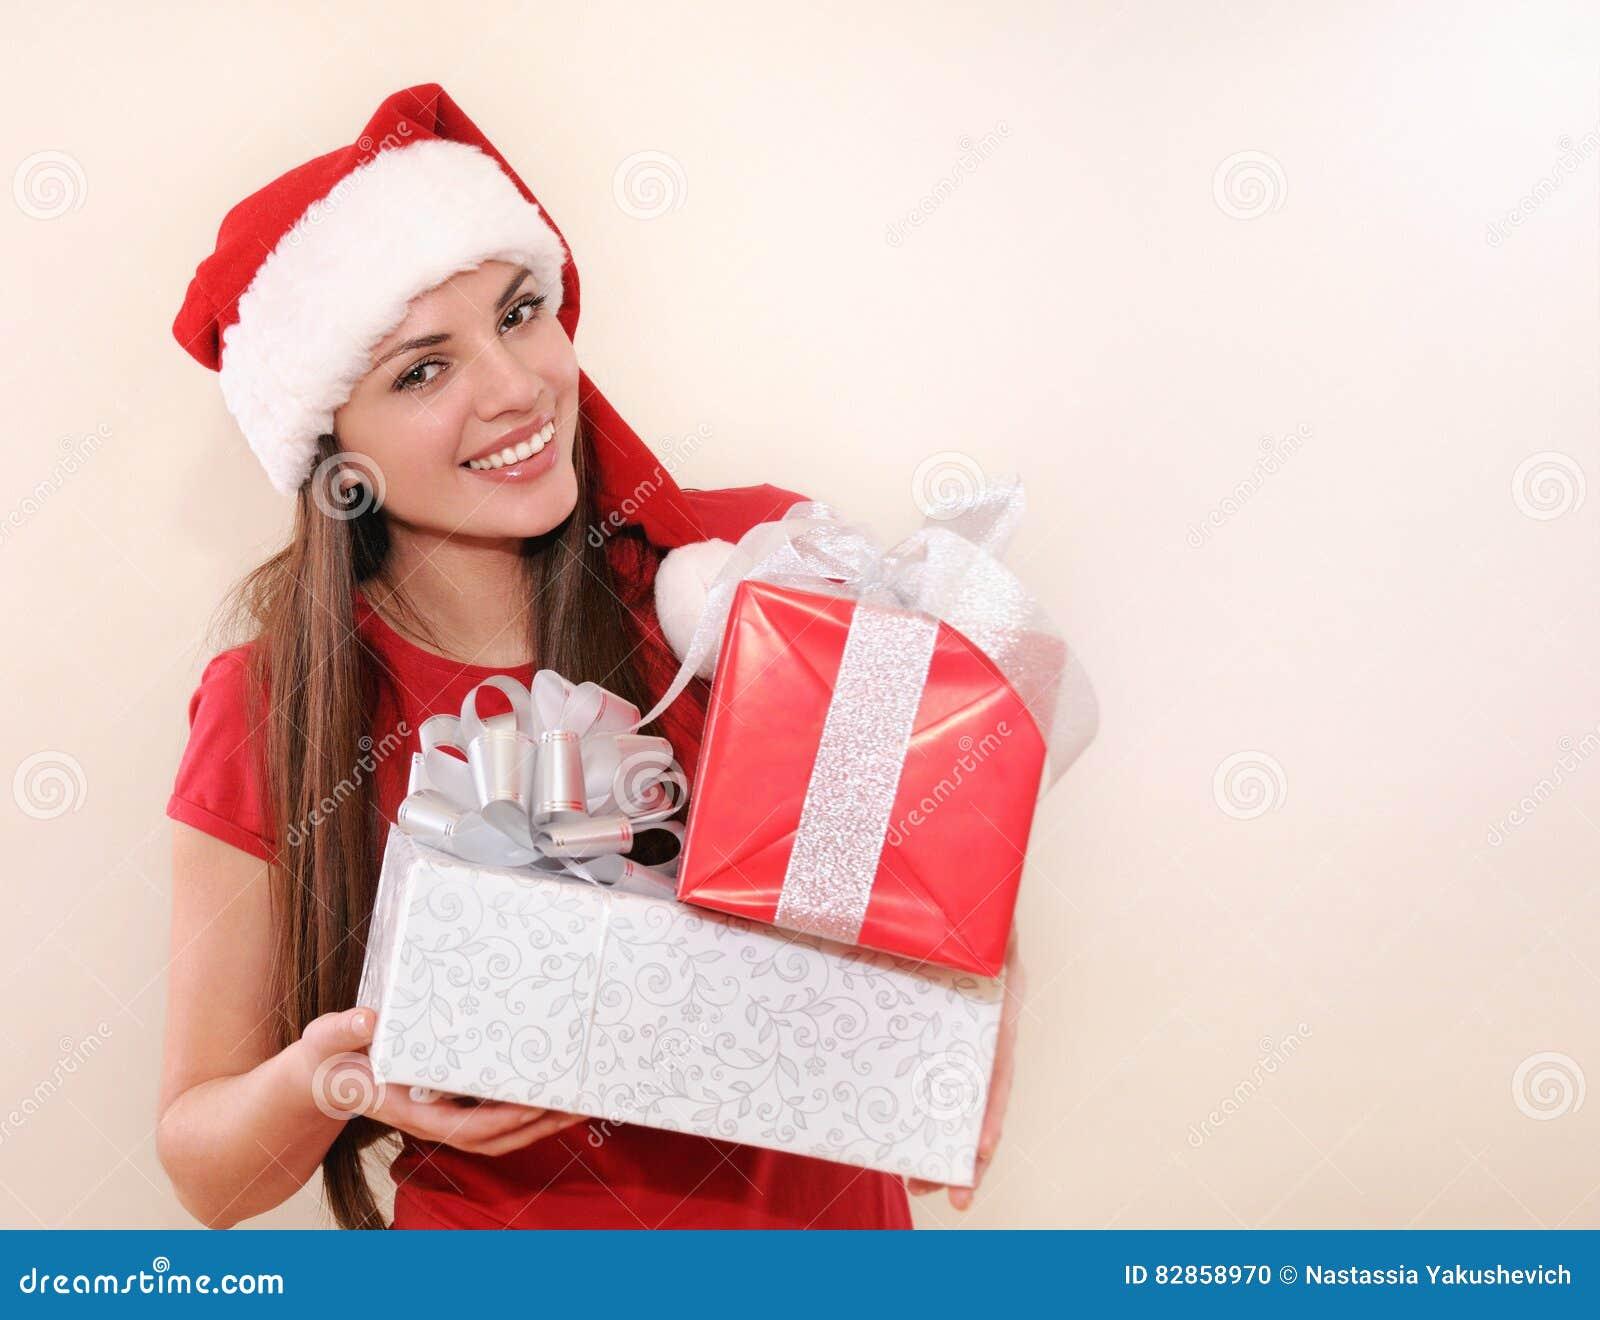 Lächelnde Schöne Junge Frau In Sankt-Hut Mit Geschenken Für ...